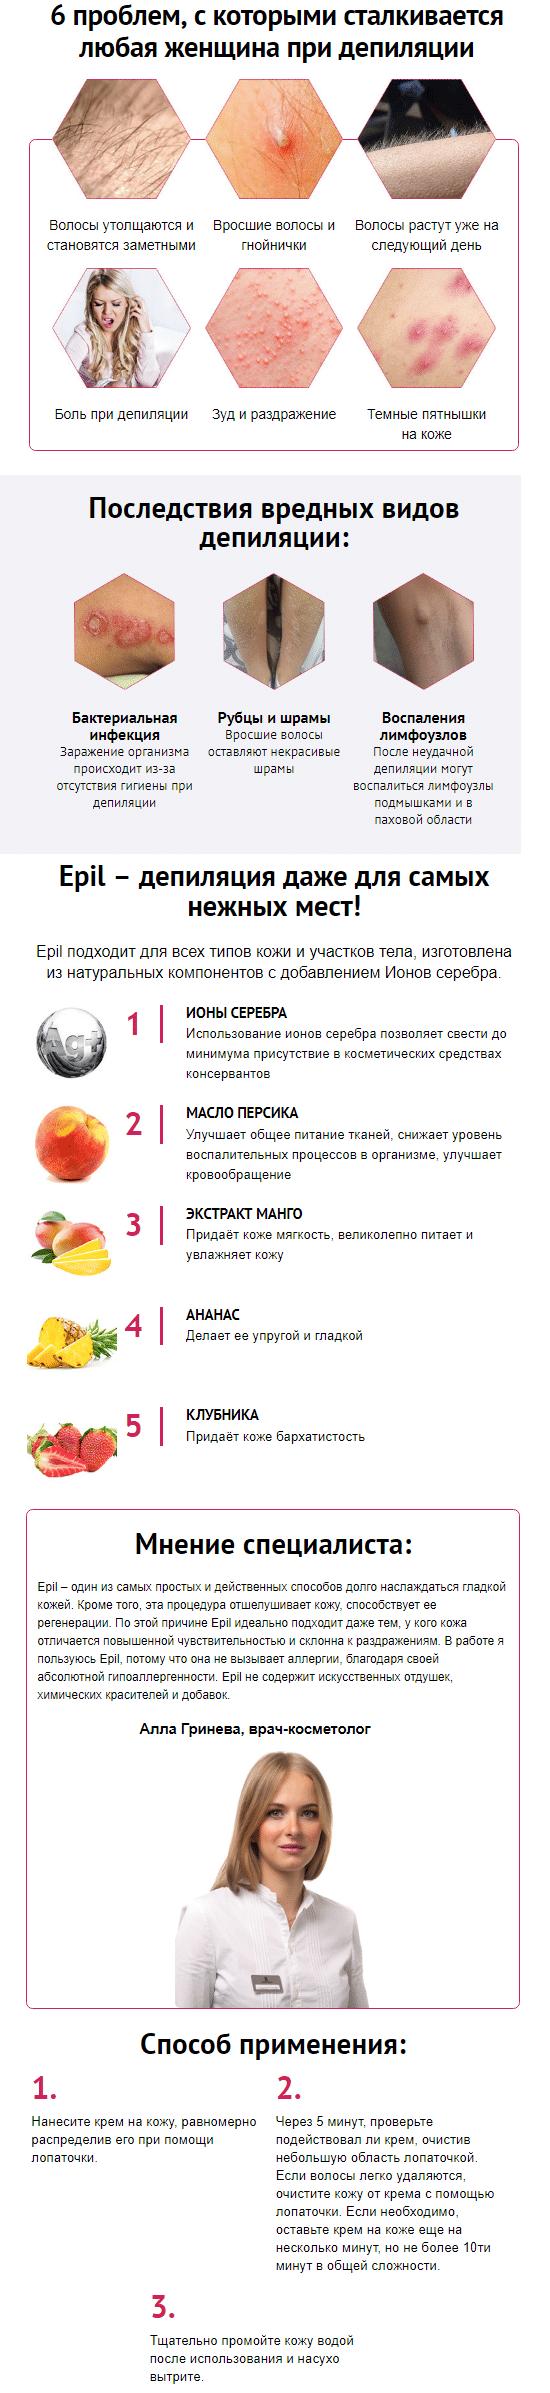 Silver Fruit Epil (Сильвер Фрут Эпил) крем для депиляции купить